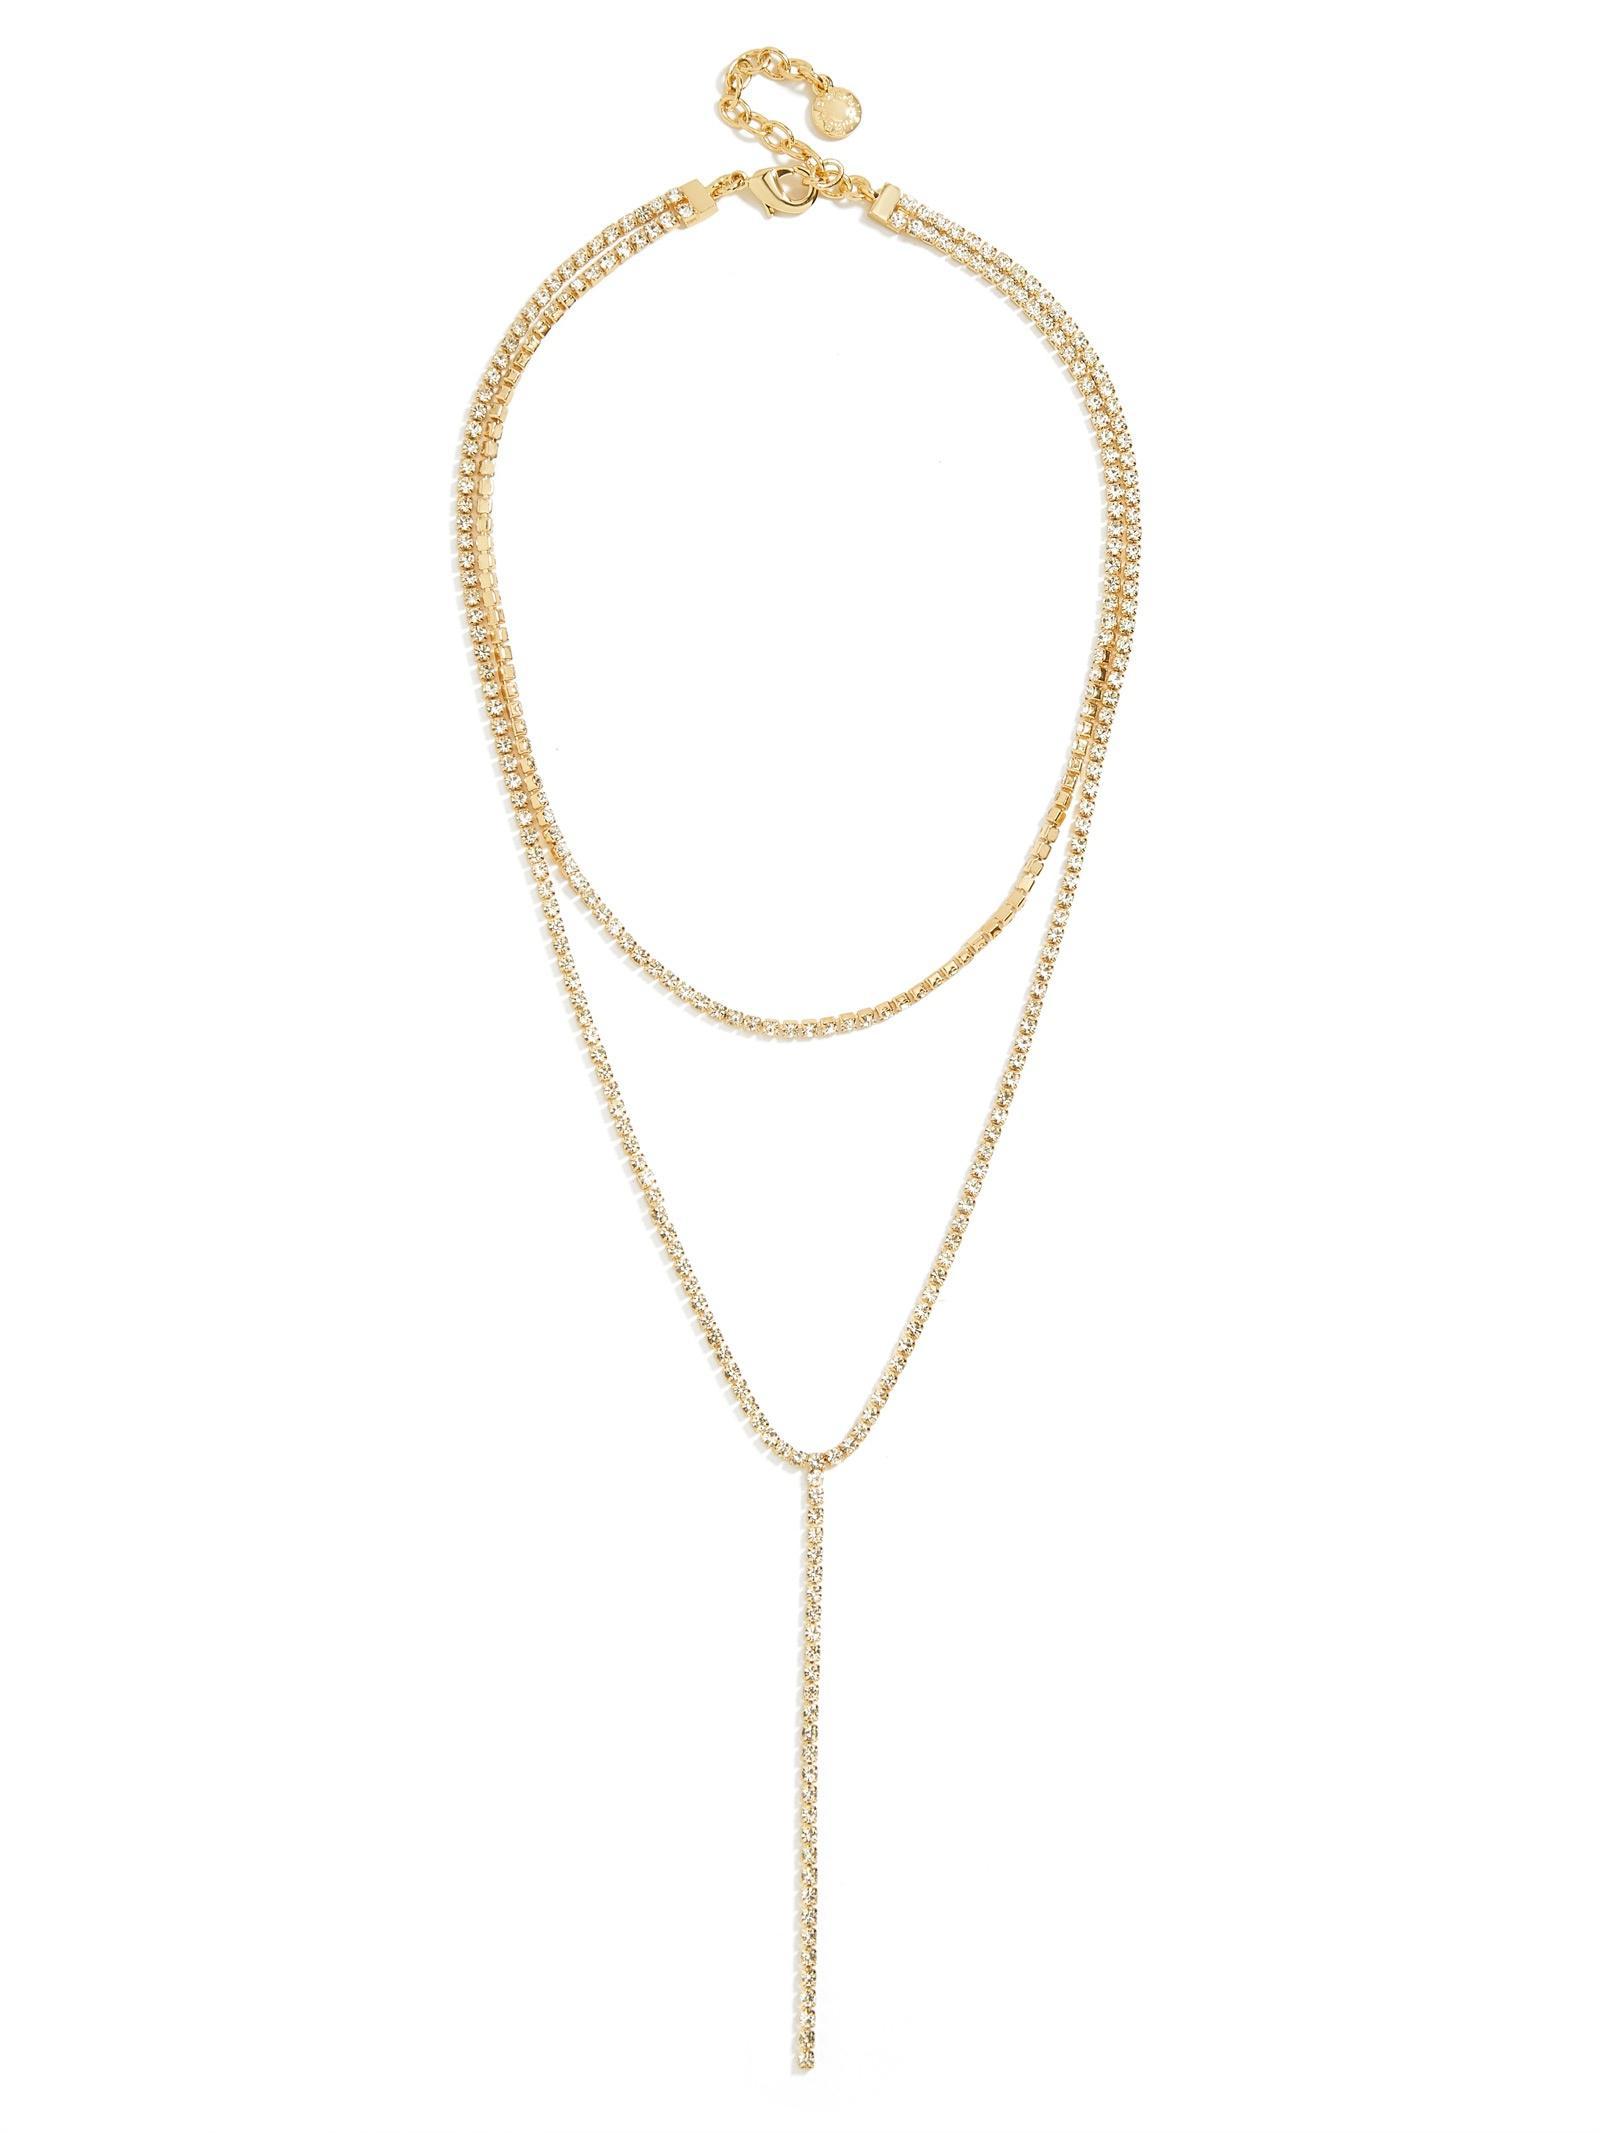 BaubleBar Skyler Layered Necklace in Metallic